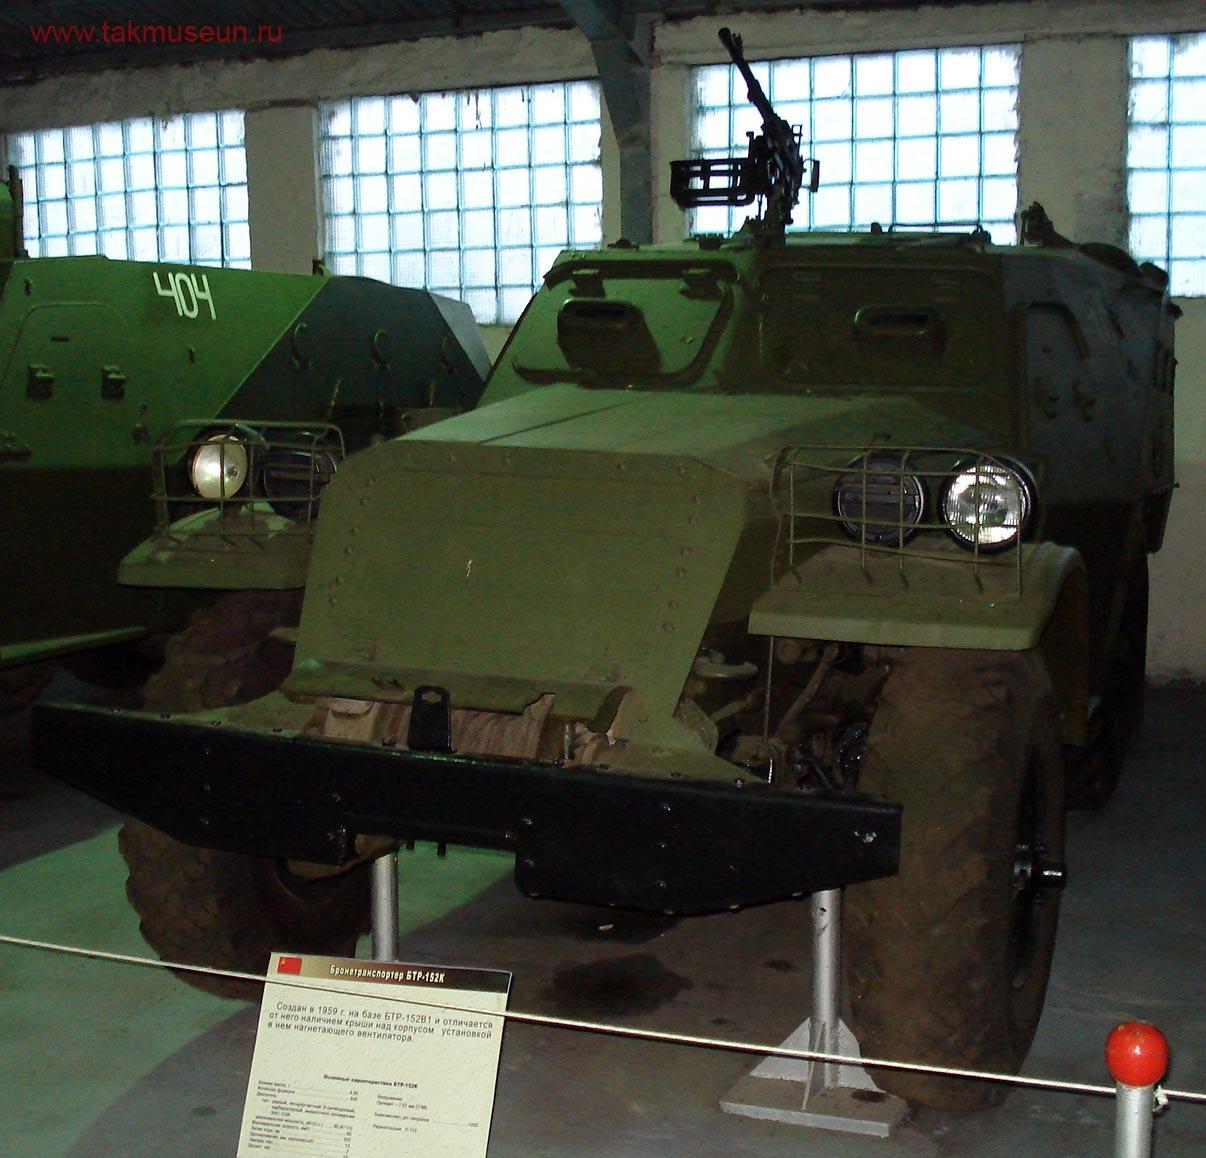 советский бронетранспортер БТР-152 К, танковый музей в Кубинке